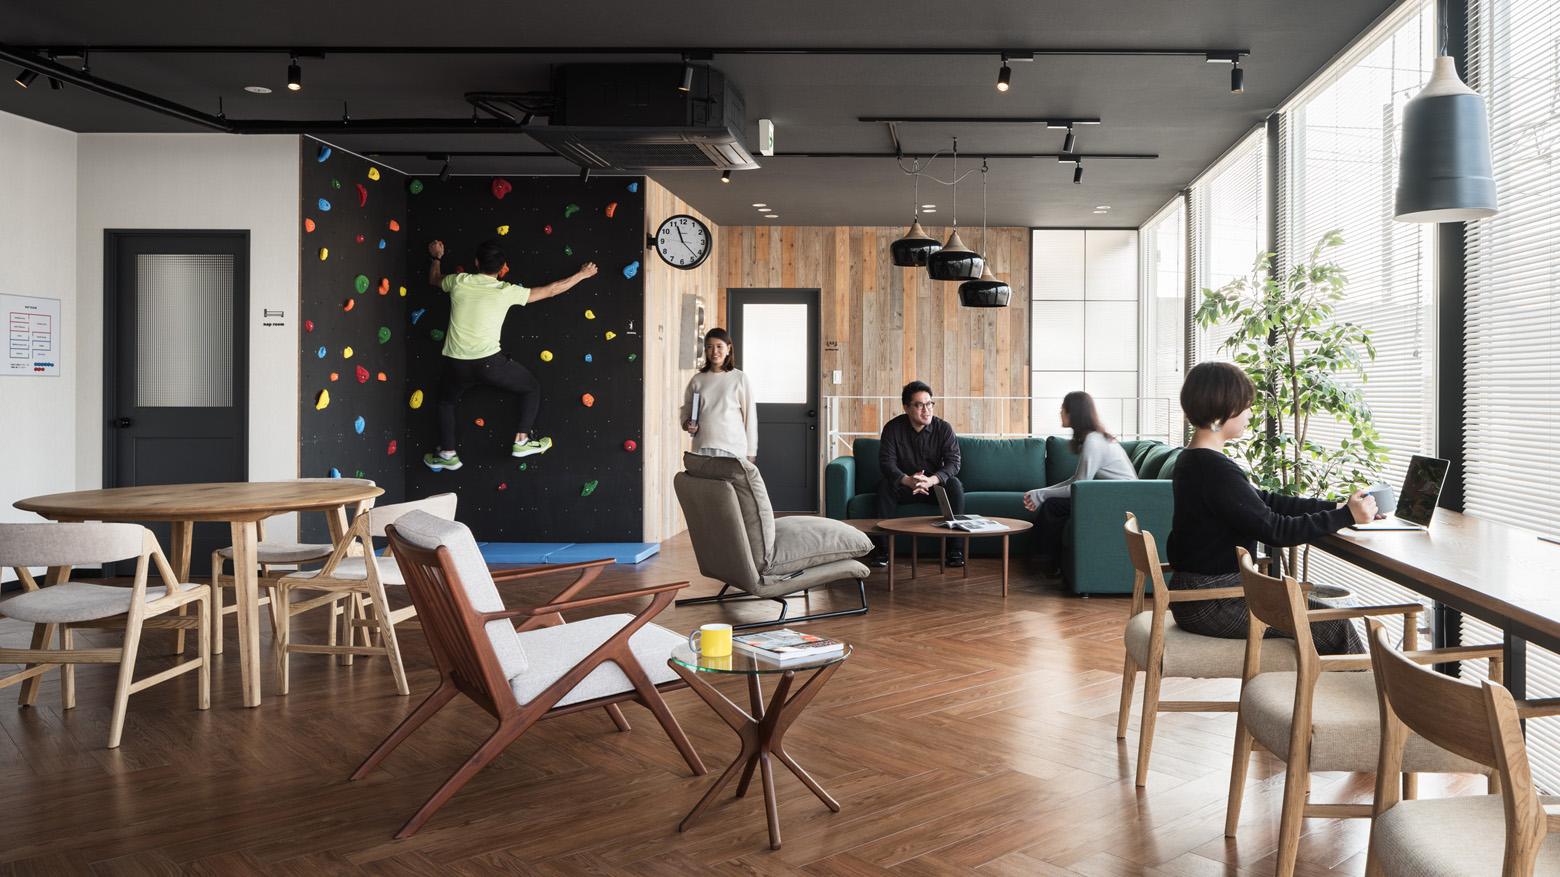 ベイラインエクスプレス株式会社 Lounge_3 デザイン・レイアウト事例